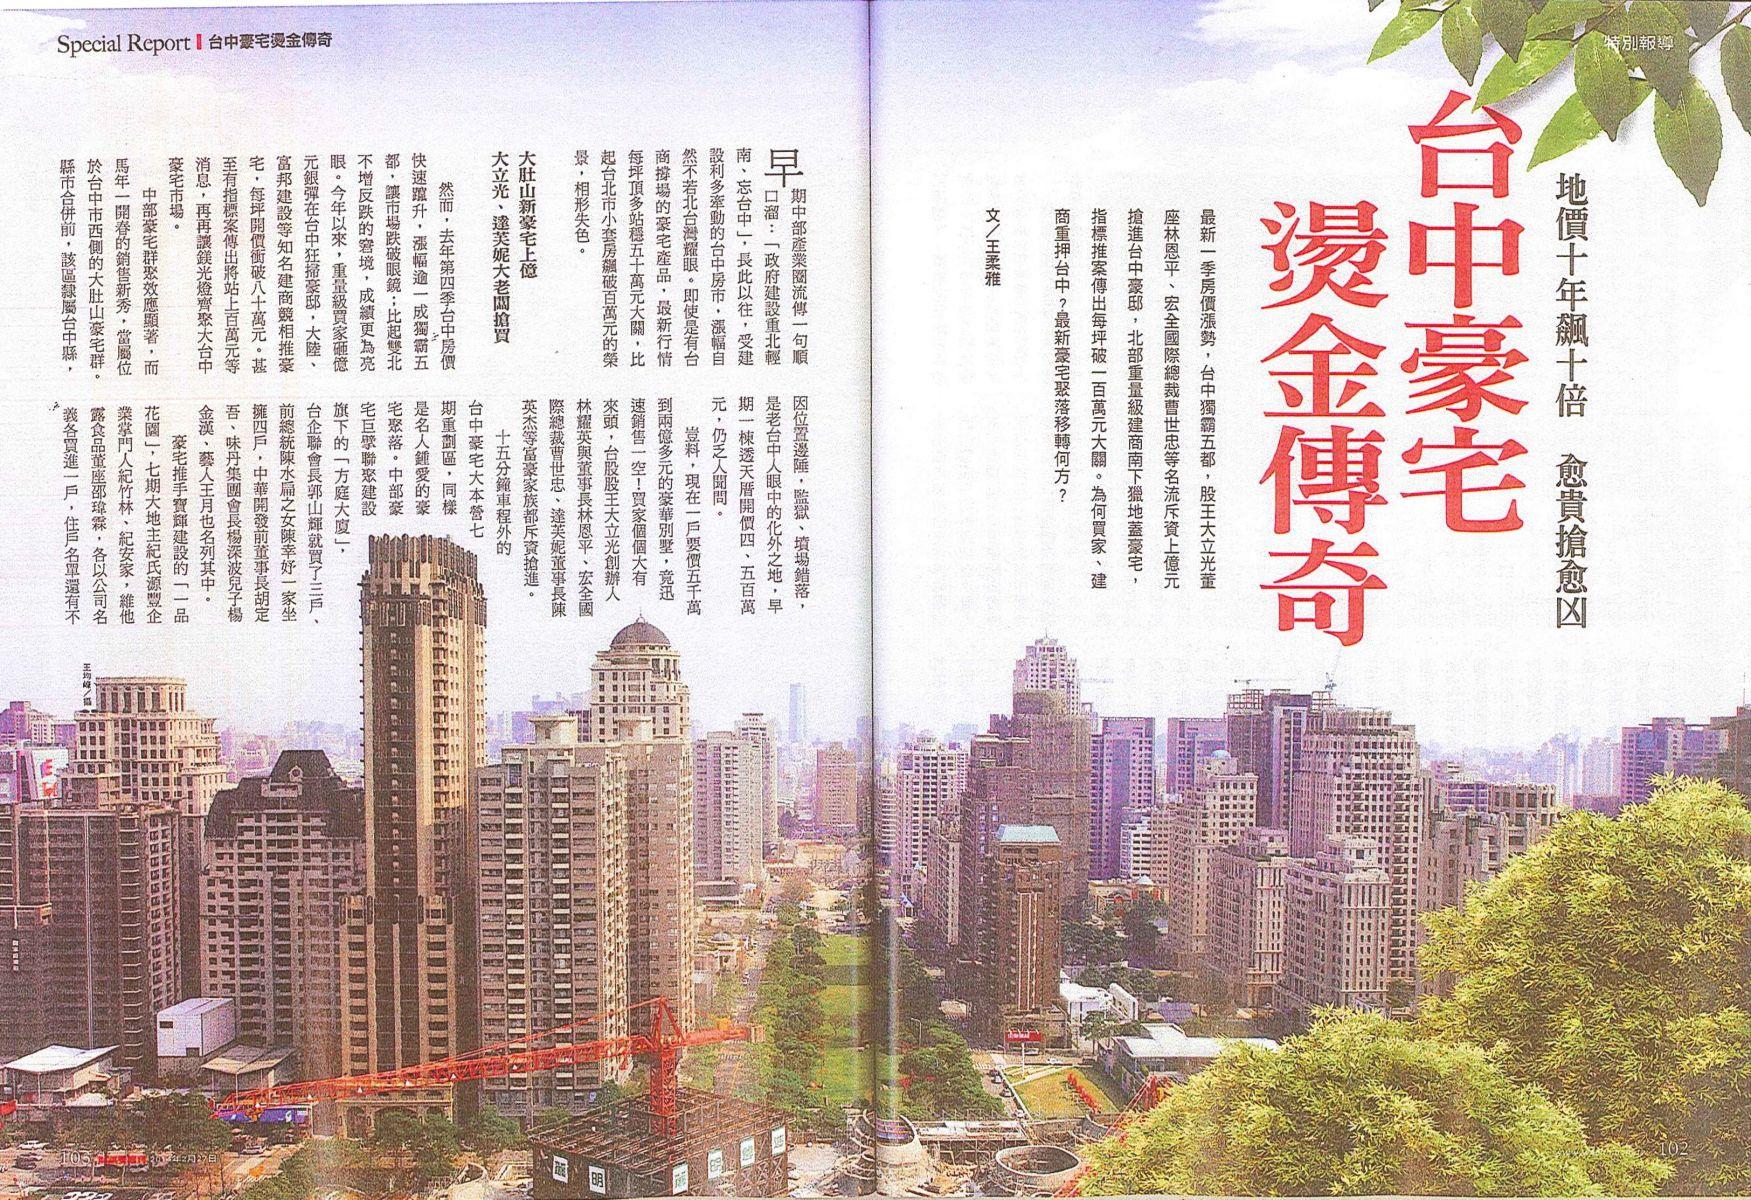 20140227 財訊雙週刊445期 (2)